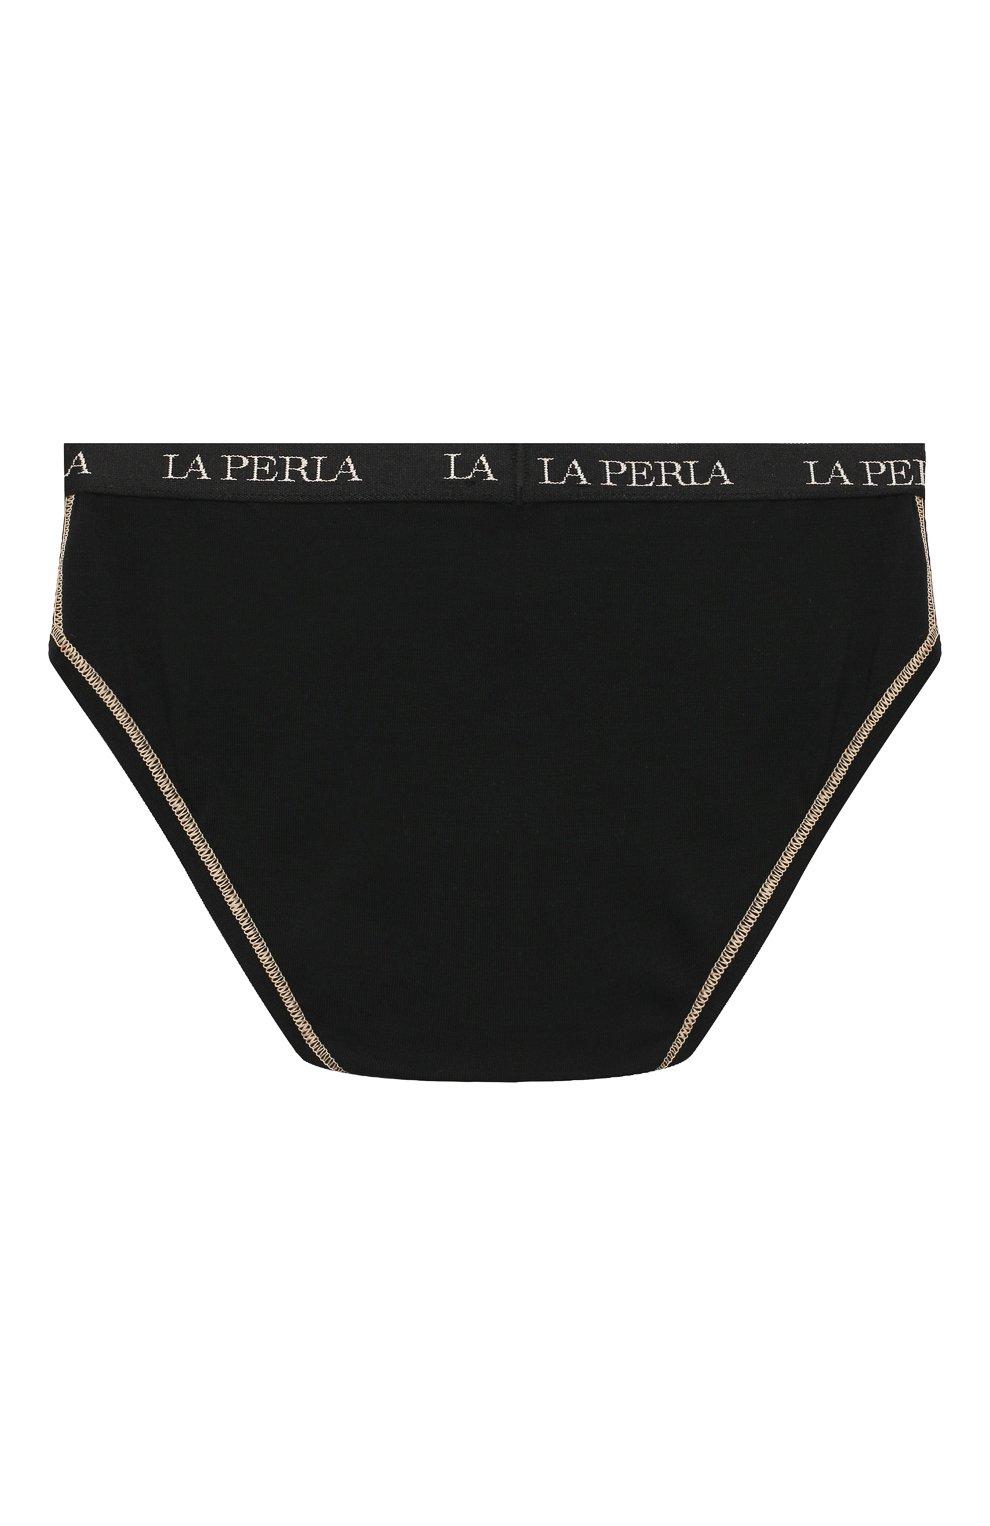 Детские трусы-брифы LA PERLA черного цвета, арт. 70158/2A-6A | Фото 2